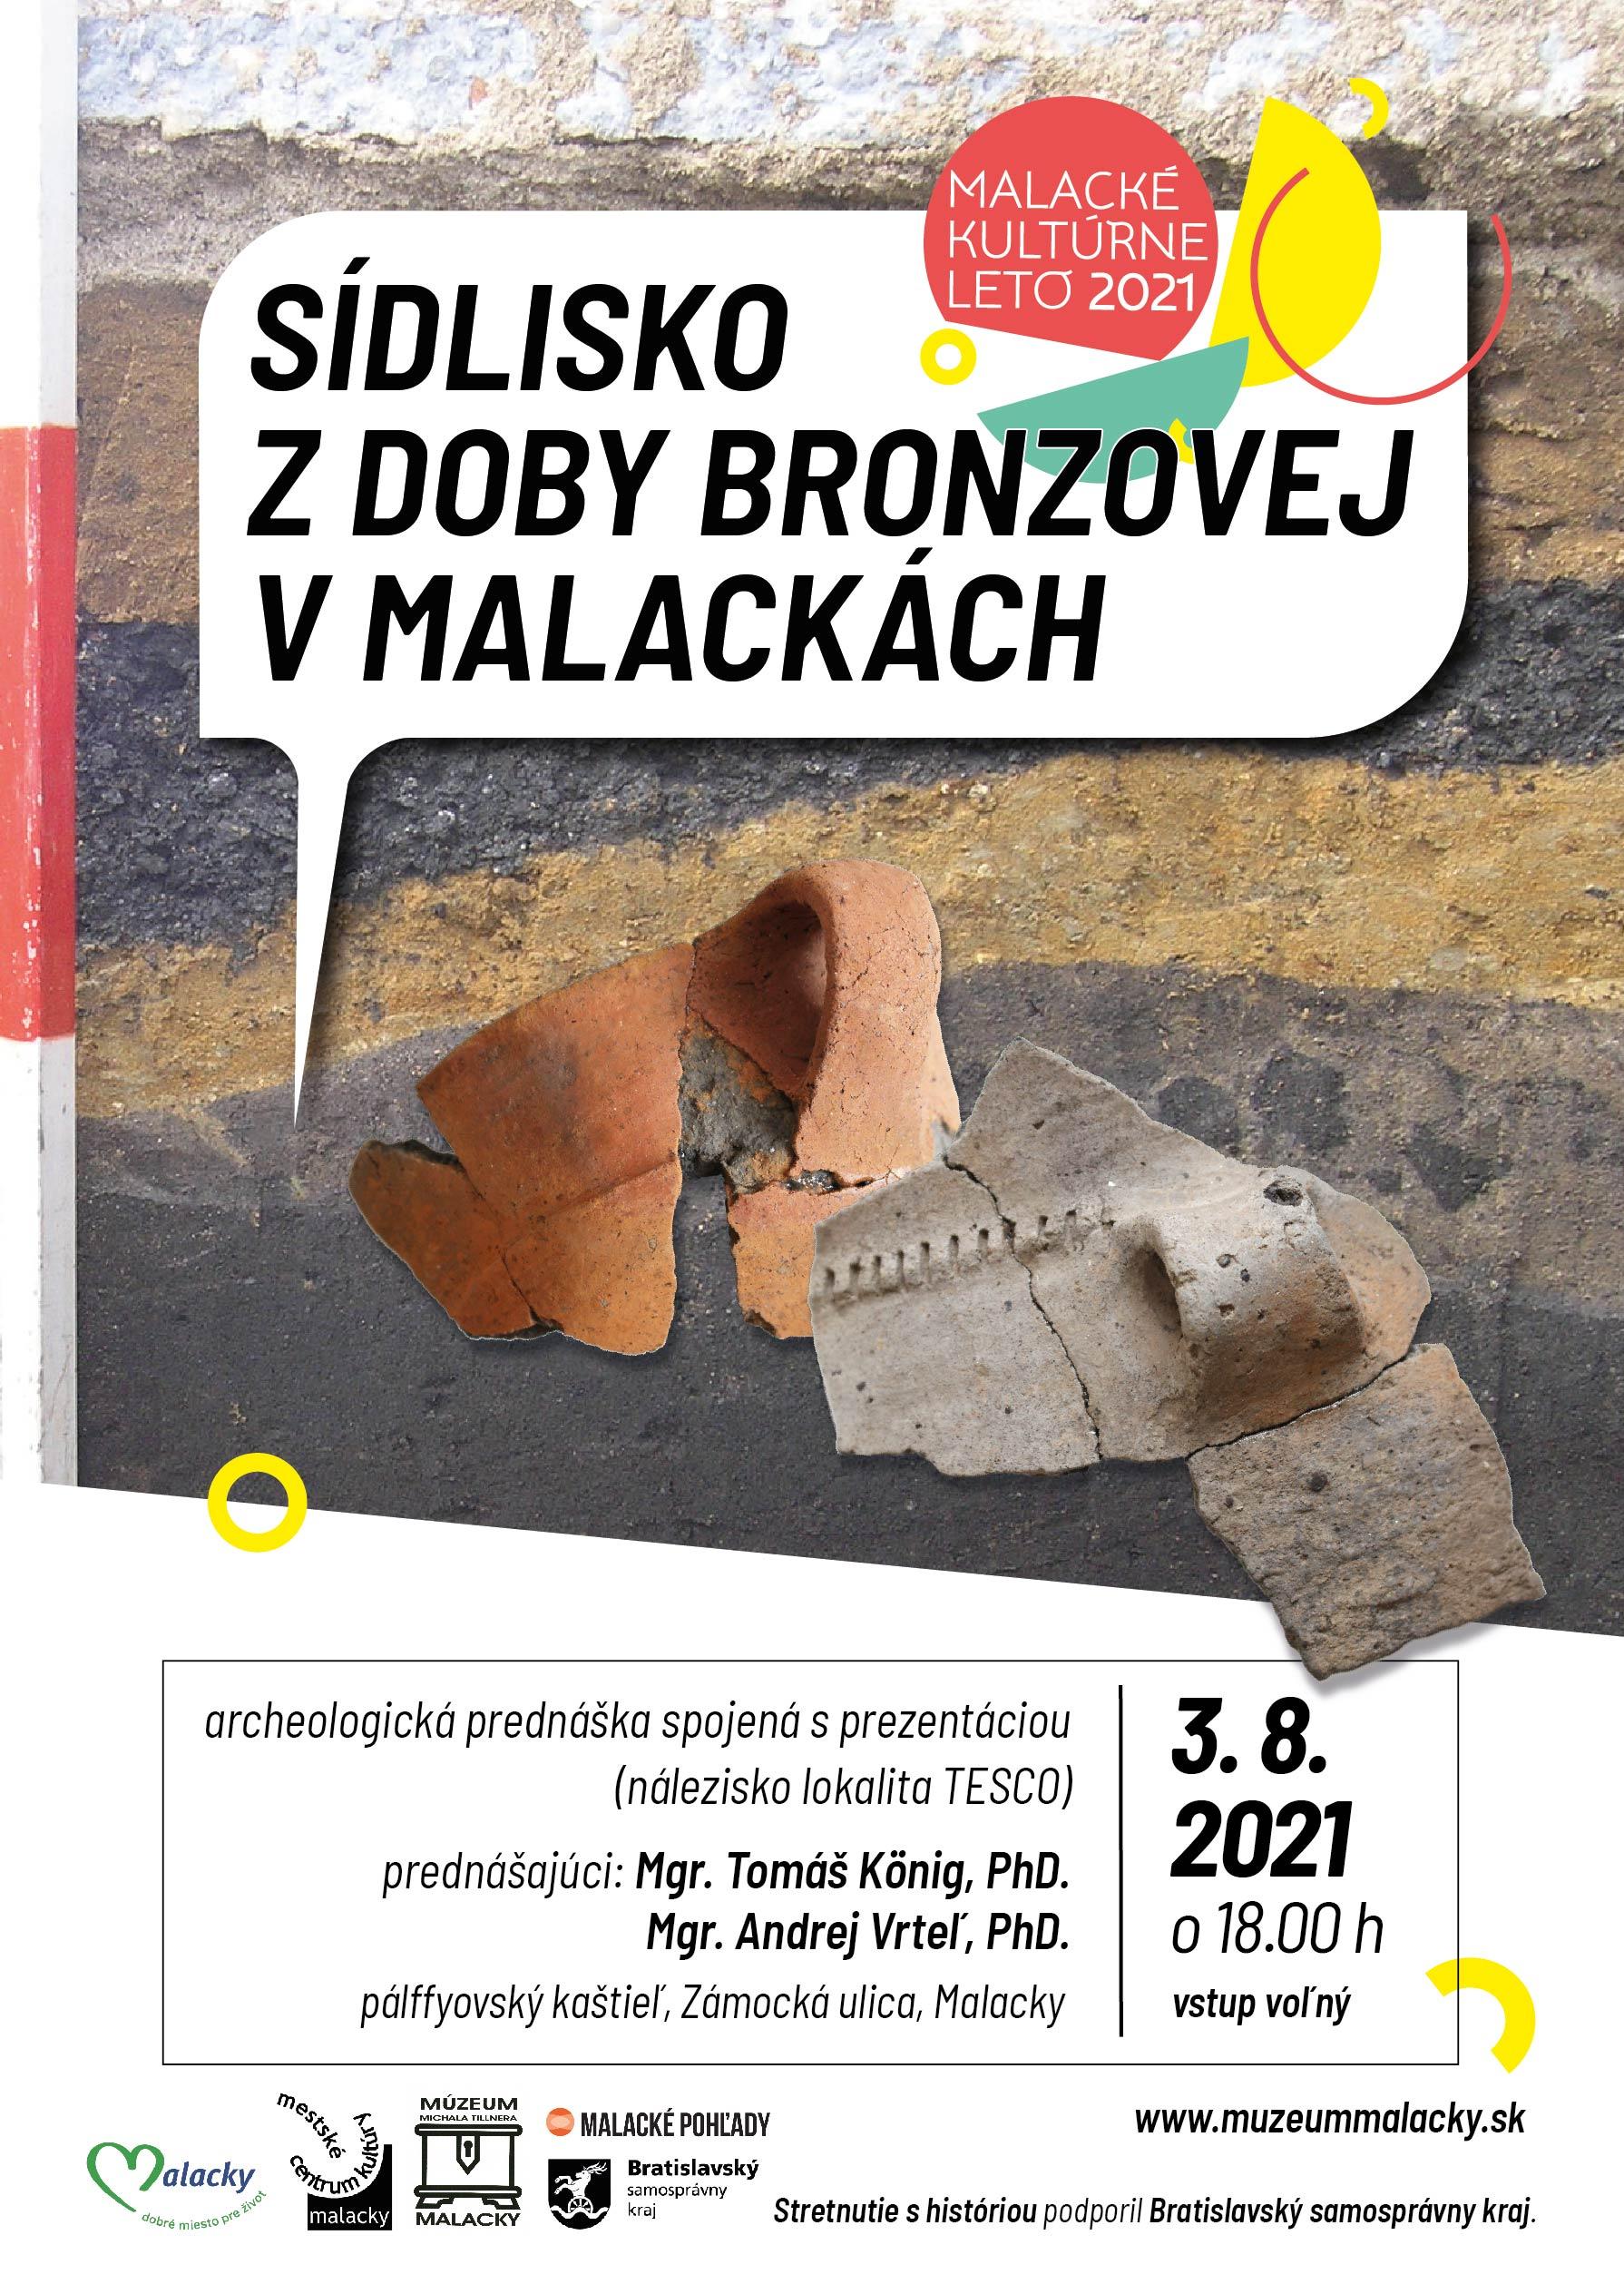 mkl_2021_sidlisko_z_doby_bronzovej_Kreslic pltno 1jpg